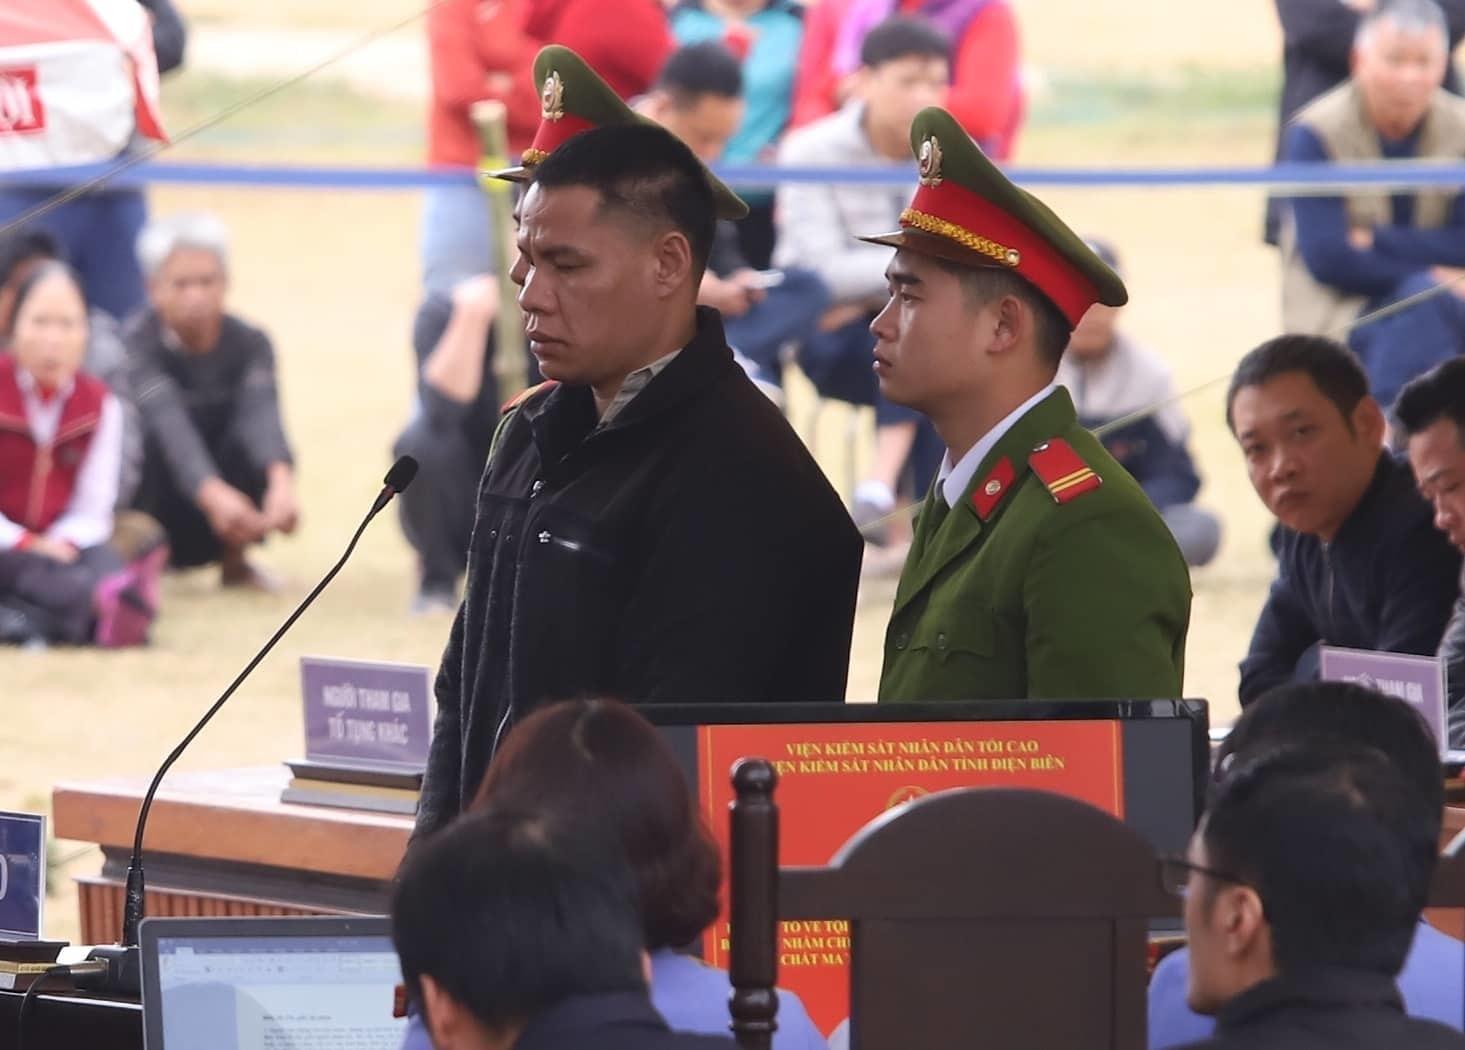 nữ sinh giao gà,Trần Thị Hiền,Cao Mỹ Duyên,Vì Văn Toán,vụ án giết người